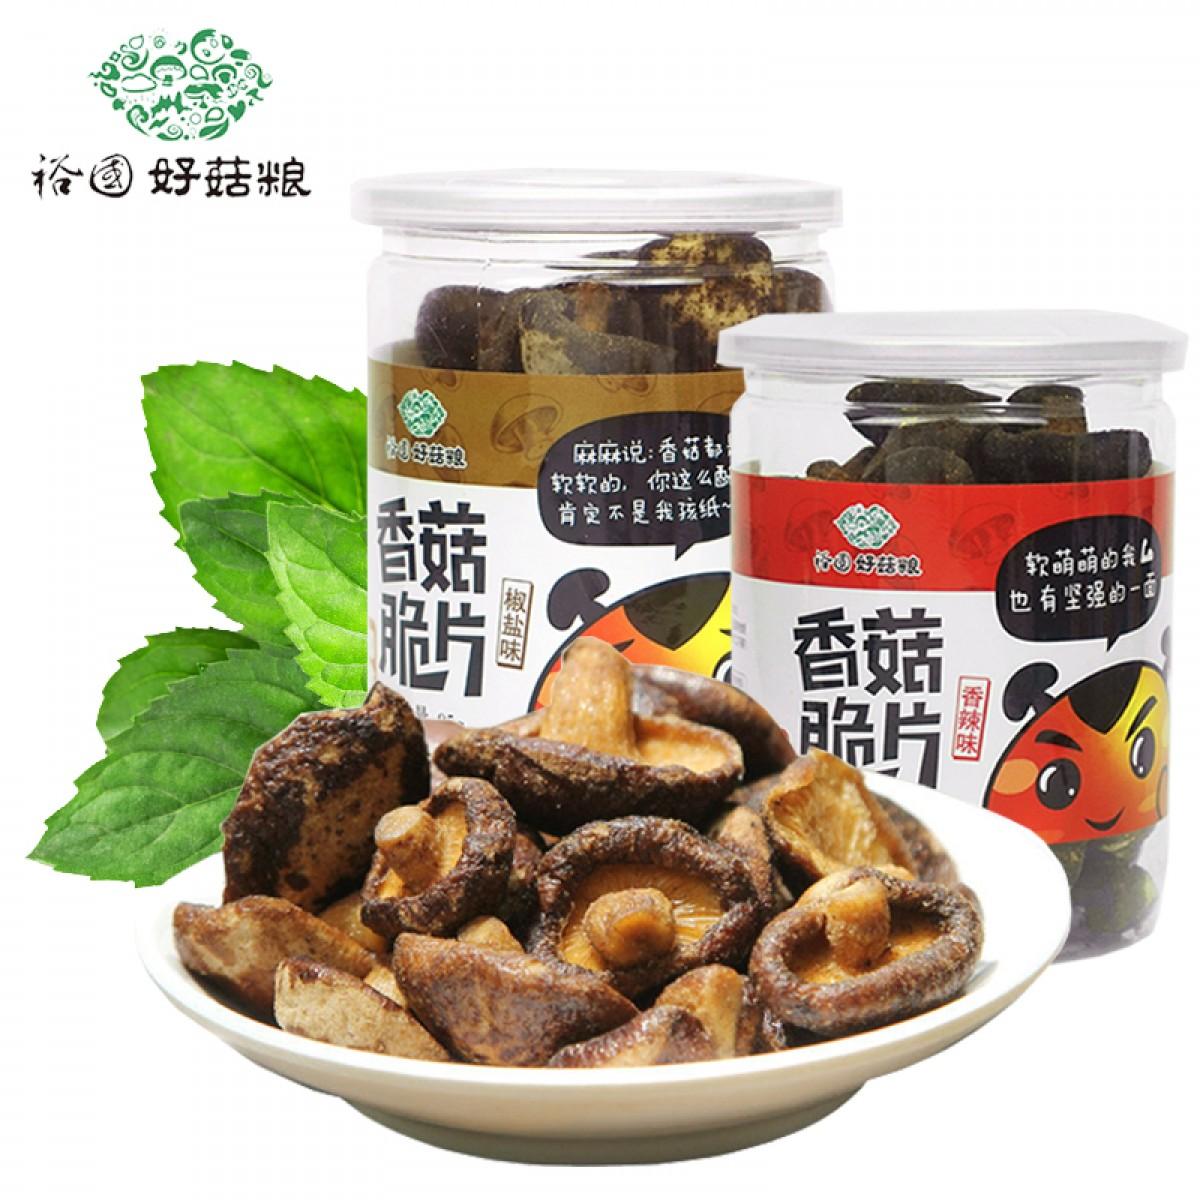 裕国香菇脆片85克罐装 孕妇脱水即食香菇干零食休闲办公小吃包邮